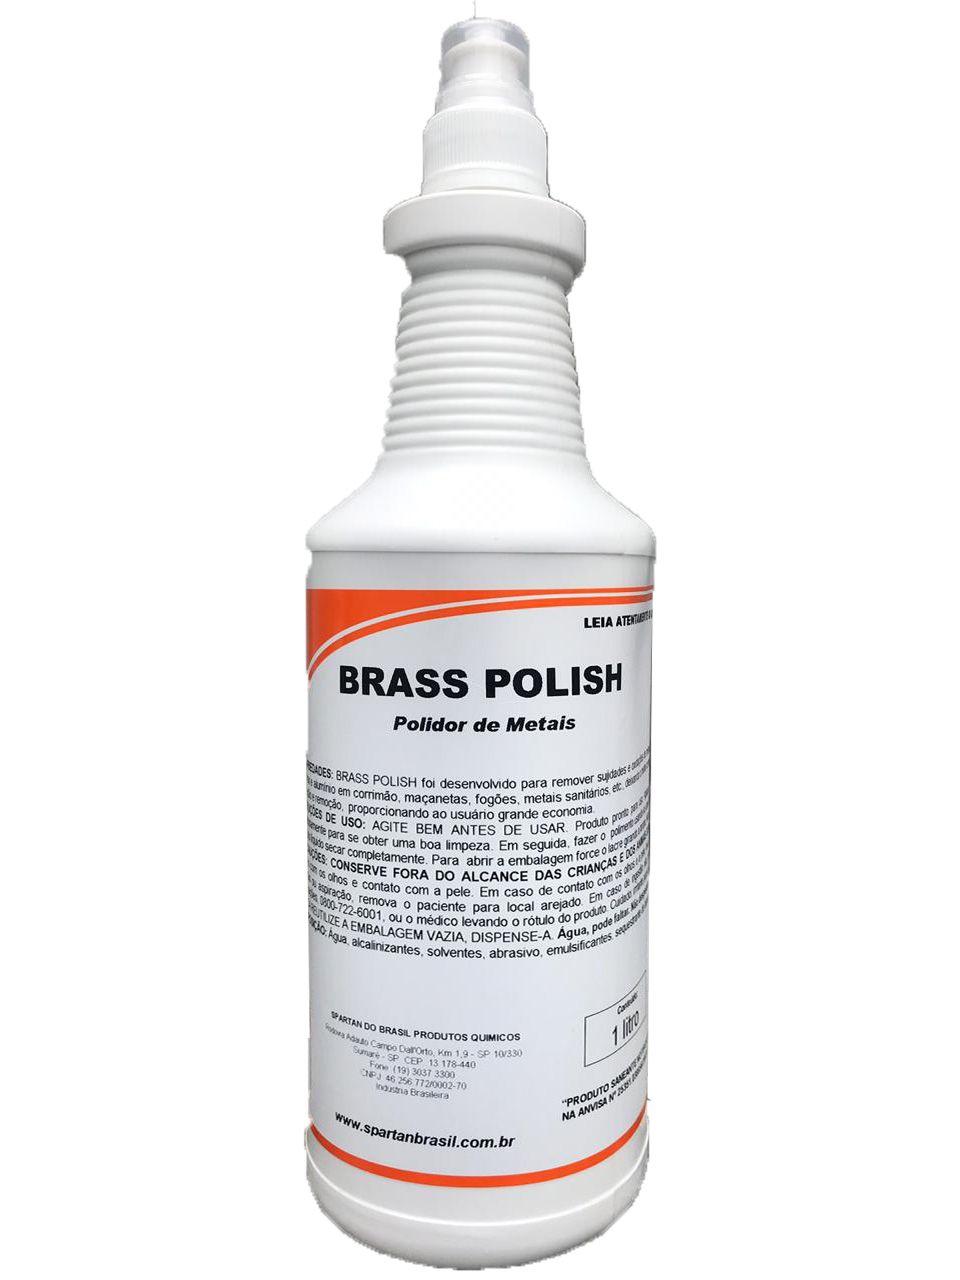 Polidor de Metais Brass Polish 1L Spartan